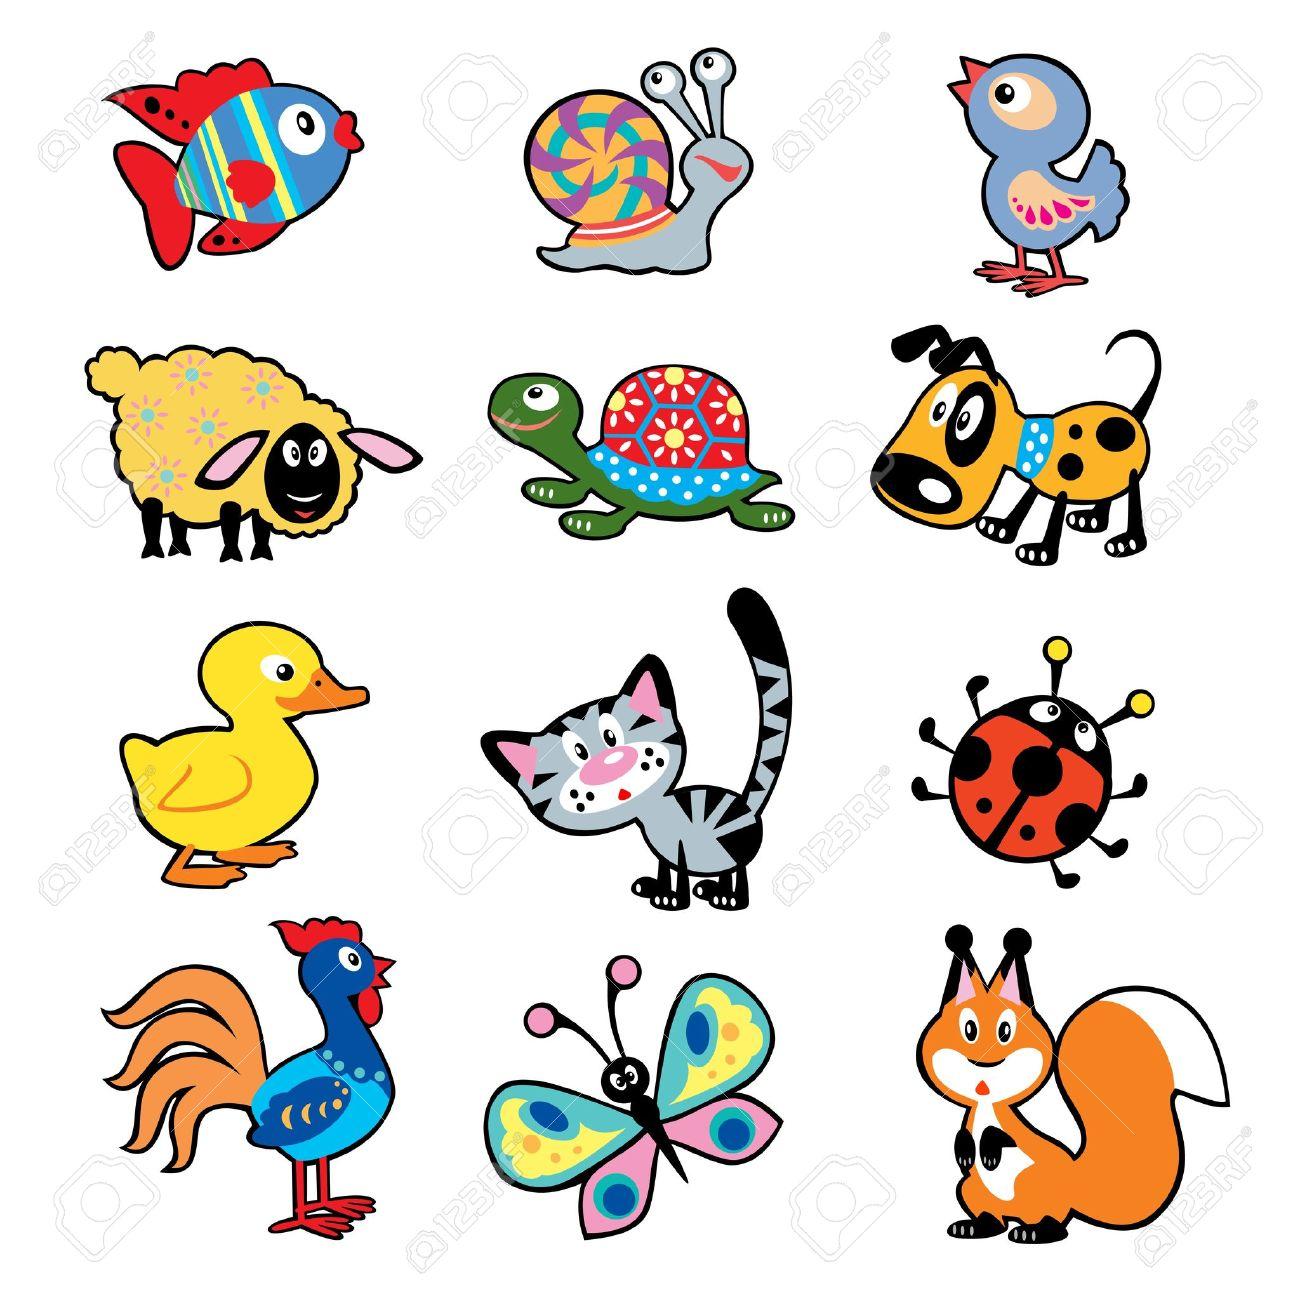 71e040376c6f7 Conjunto De Dibujos Infantiles Sencillos Con Animales